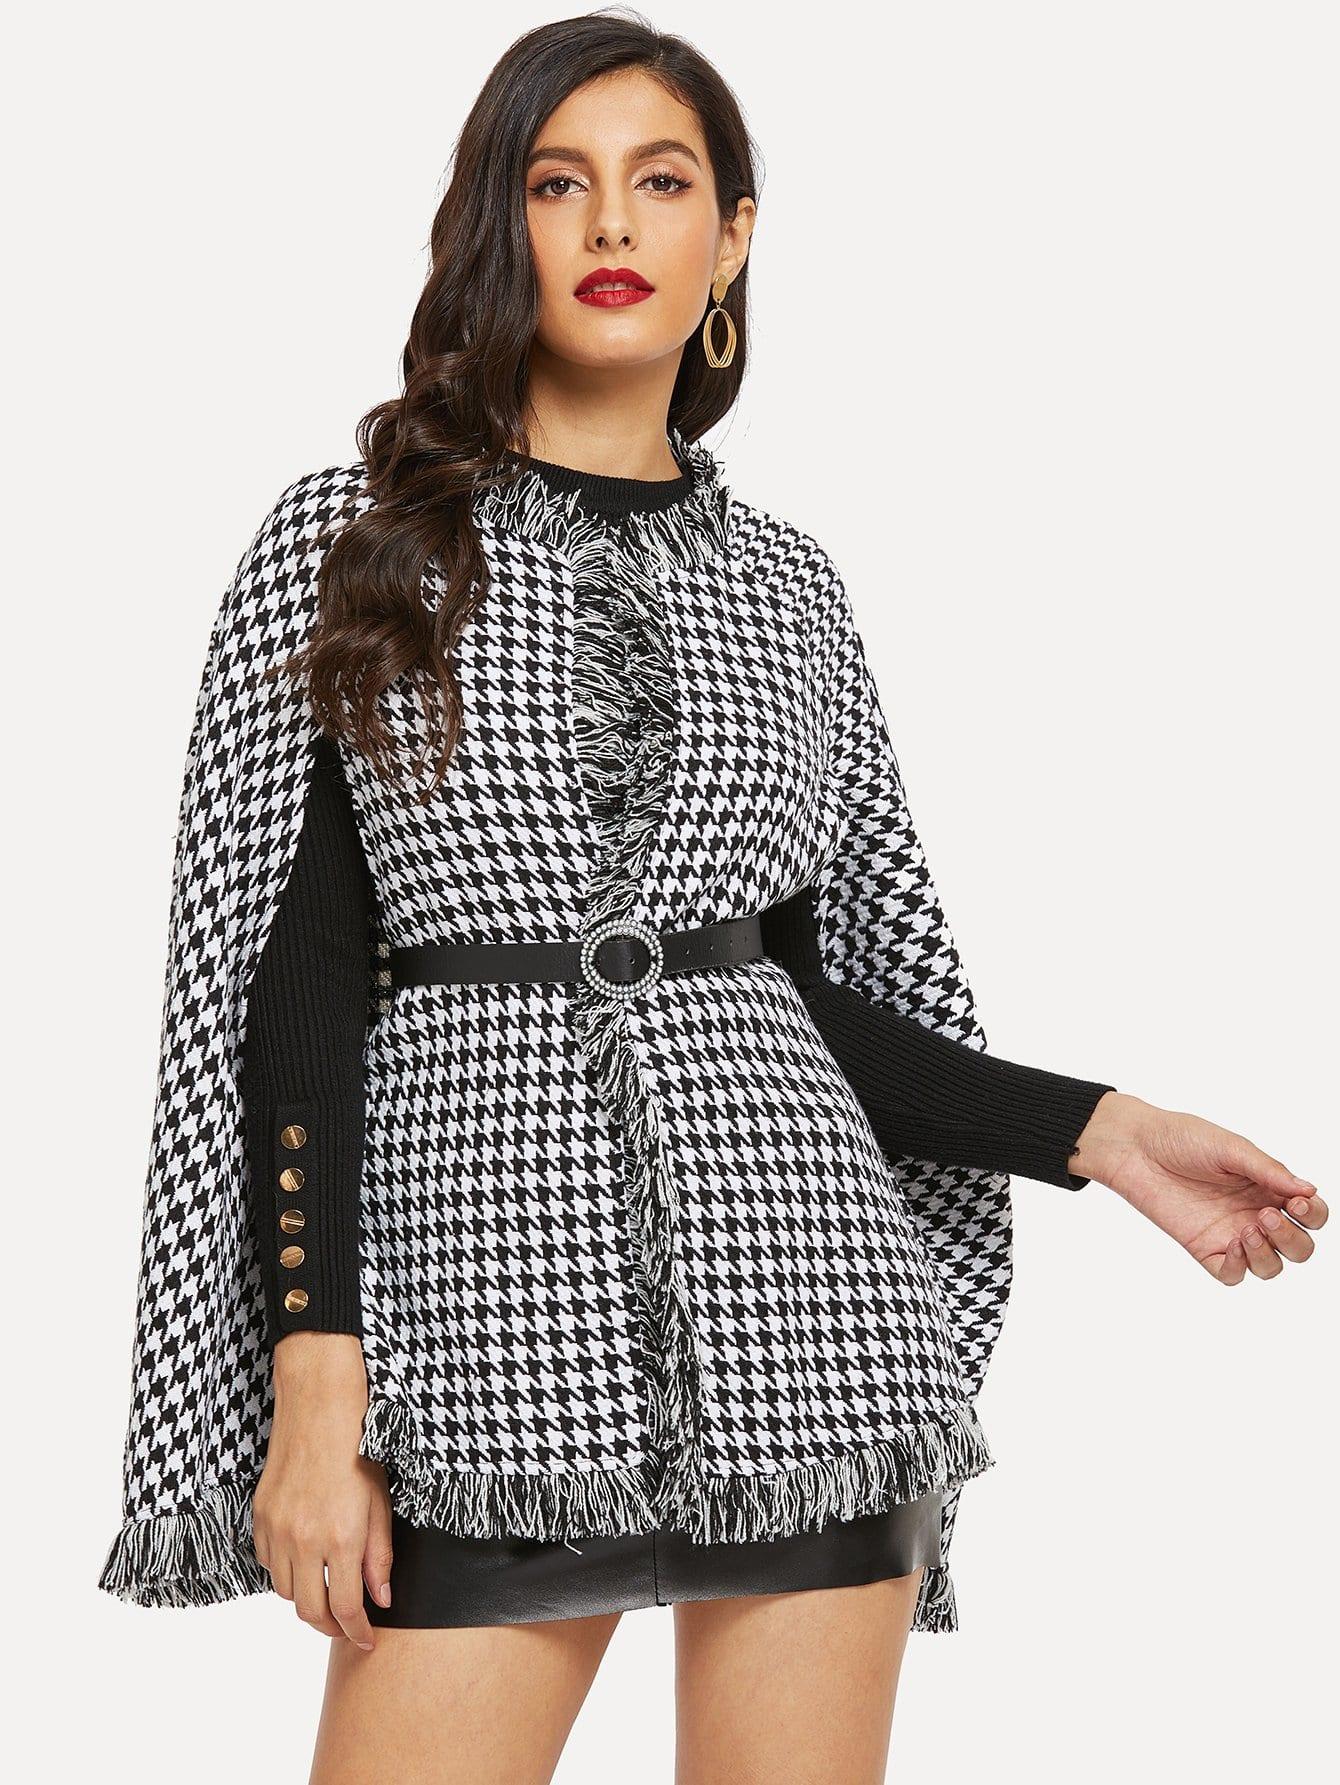 Фото - Хаундстут пальто-пончо с бахромой без пояса от SheIn цвет чёрнобелые